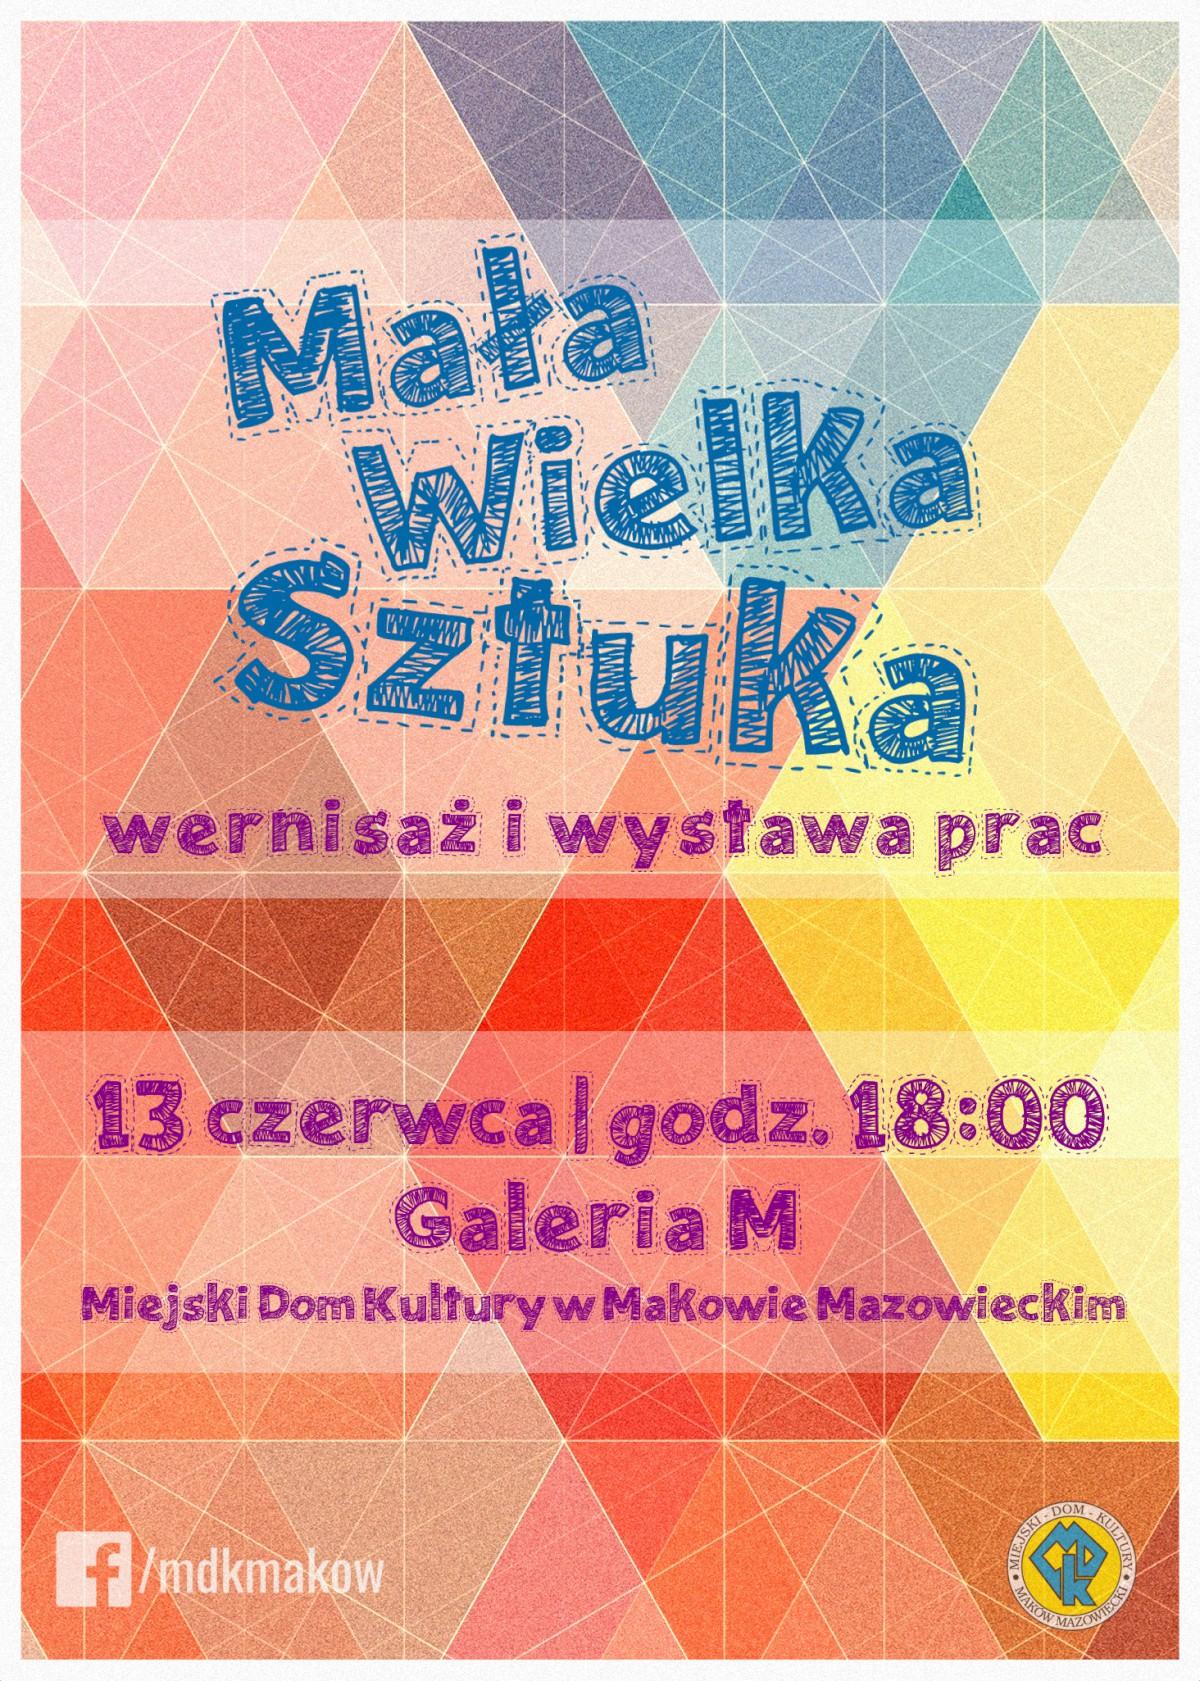 Plakat. MałaWielka Sztuka wernisaż i wystawa prac. 13 czerwca godzina 18:00 Galeria M